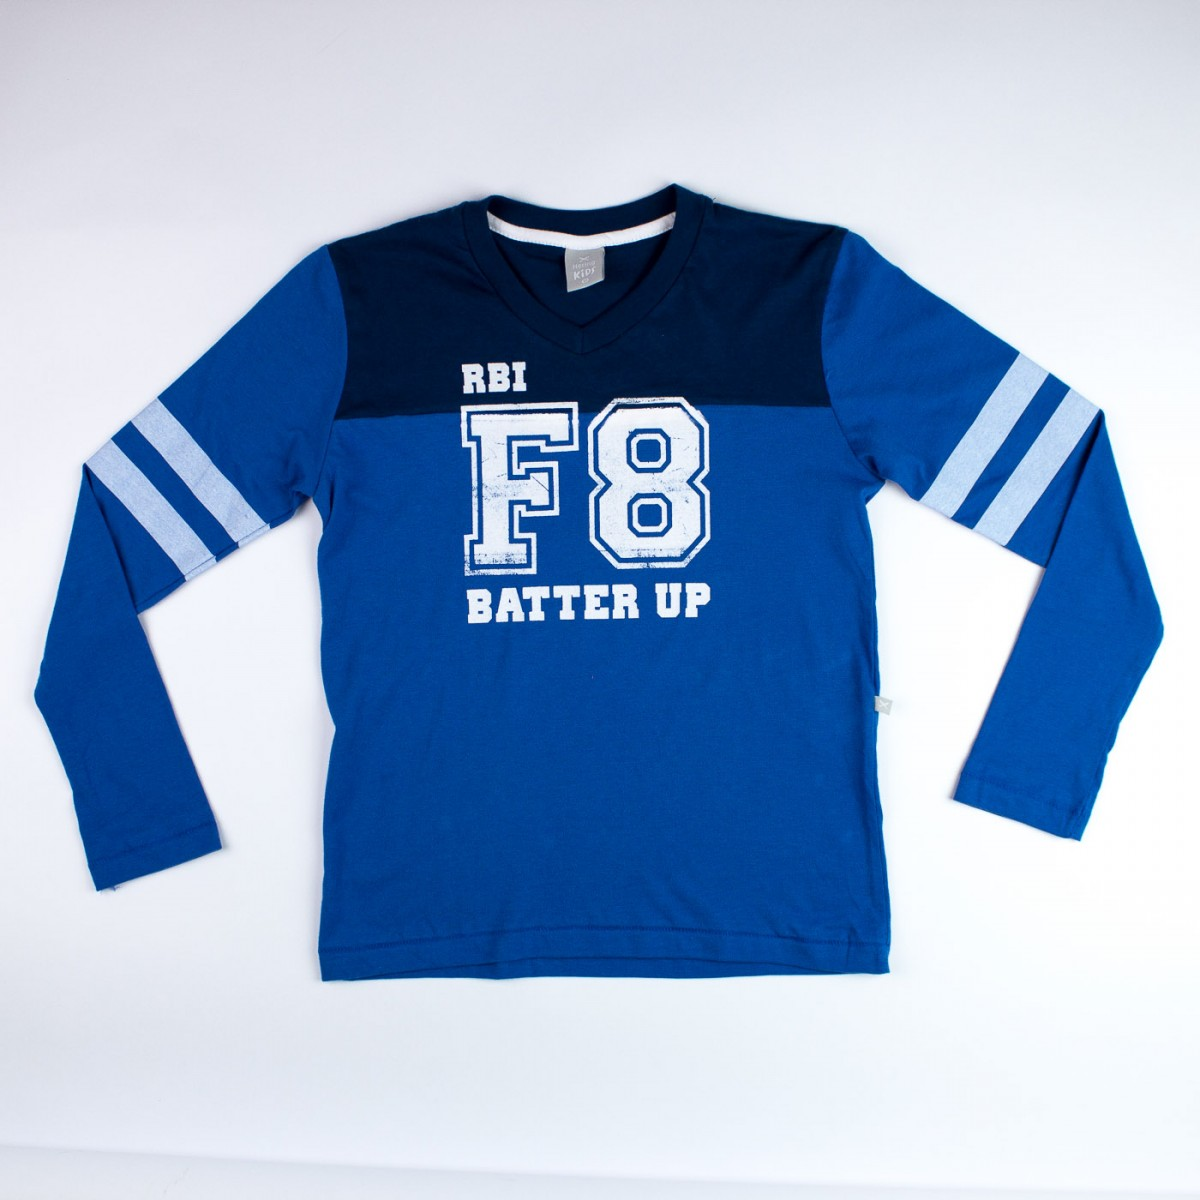 Bizz Store - Camiseta Infantil Masculina Hering Kids Decote V 64848afe202c4